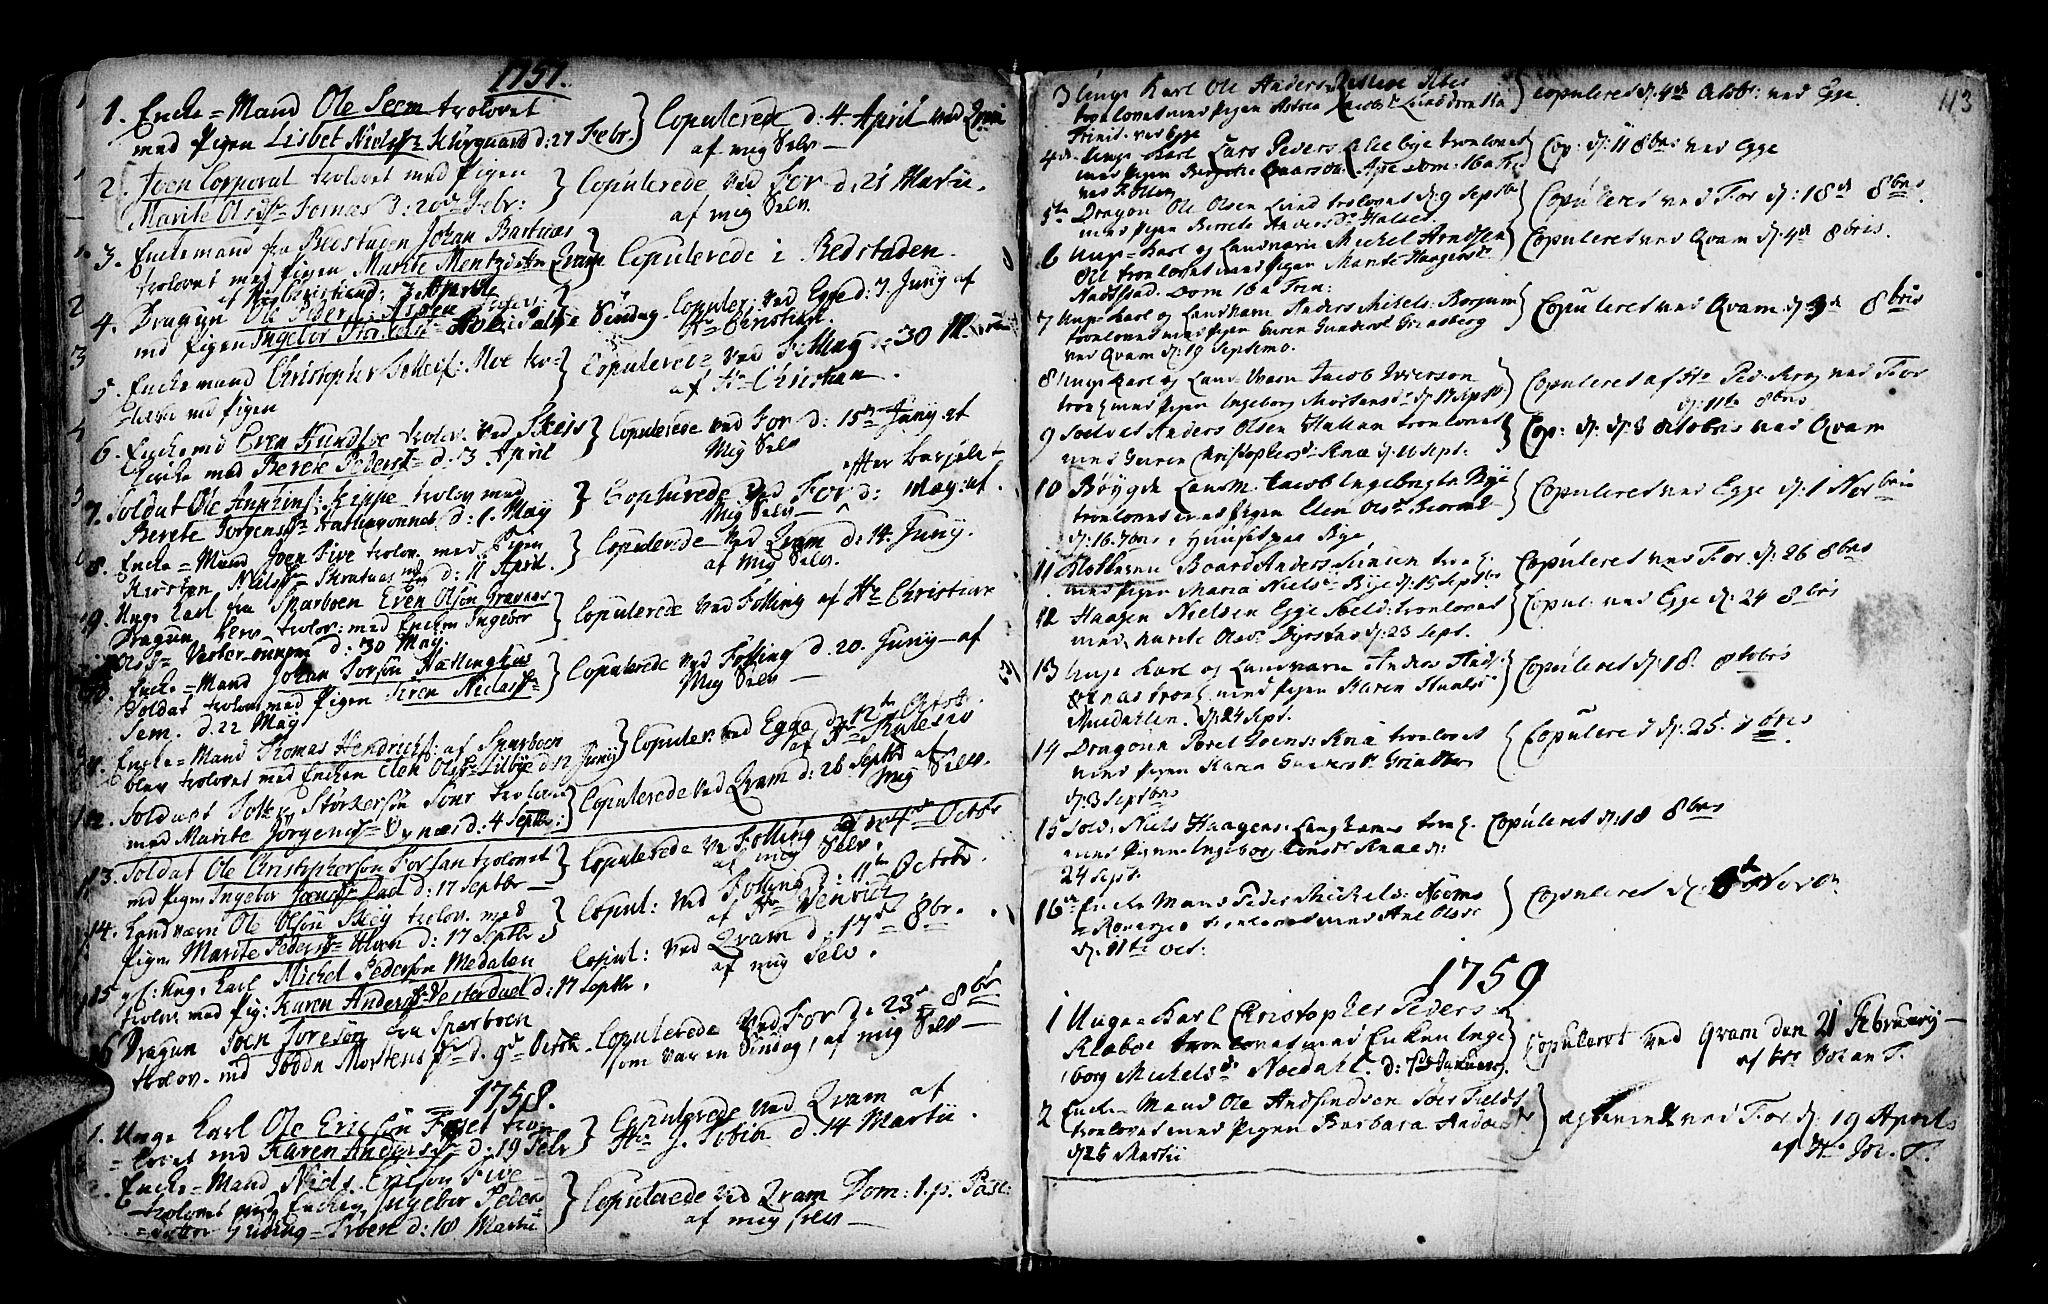 SAT, Ministerialprotokoller, klokkerbøker og fødselsregistre - Nord-Trøndelag, 746/L0439: Ministerialbok nr. 746A01, 1688-1759, s. 113